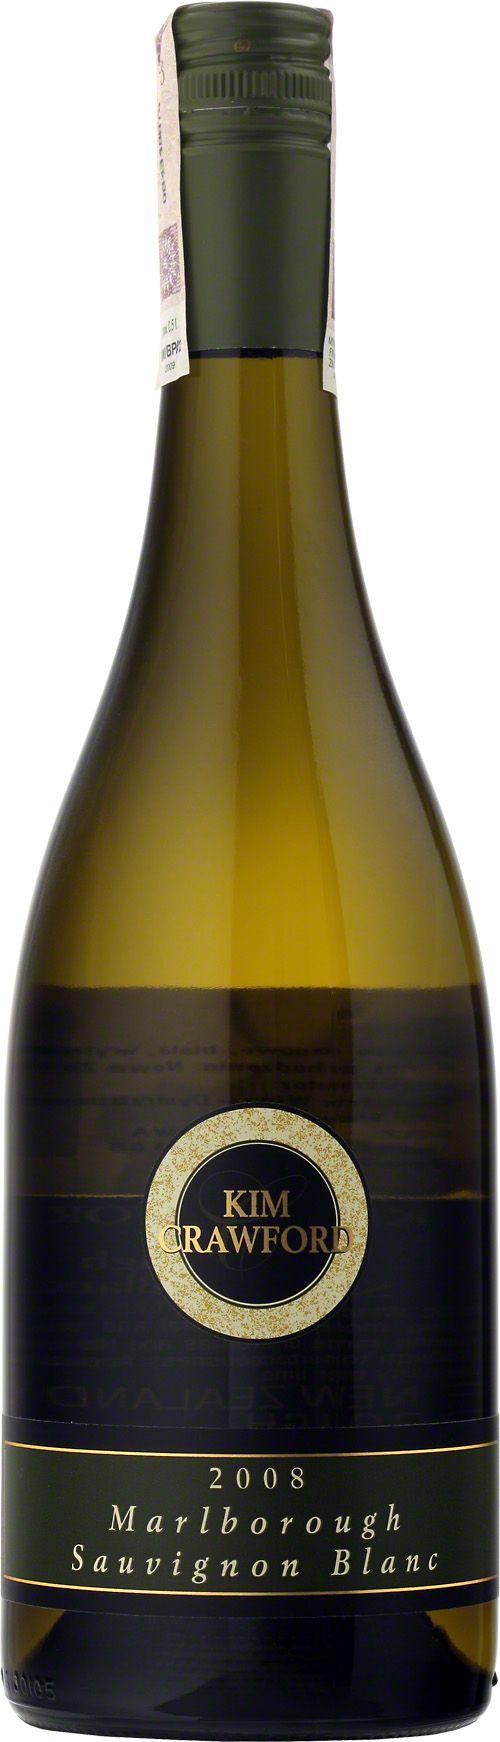 Kim Crawford Sauvignon Blanc Marlborough Wino o słomkowym kolorze, aromatach agrestu, fig z dotykiem skoszonej trawy. Wino o intensywnej owocowej palecie.  Dodatkowo wyjątkowość tego wina potwierdzają liczne wyróżnienia punktowe przyznawane przez Wine Spectator: 92 pkt. Wine Spectator 2006, 91 pkt. Wine Spectetor 2007, 91 pkt. Wine Spectator 2008, 89 pkt. Wine Spectator 2009 oraz 89 pkt. Wine Spectator 2010. #KimCrawford #SauvignonBlanc #Marlborough #NowaZelandia #Wino #Winezja